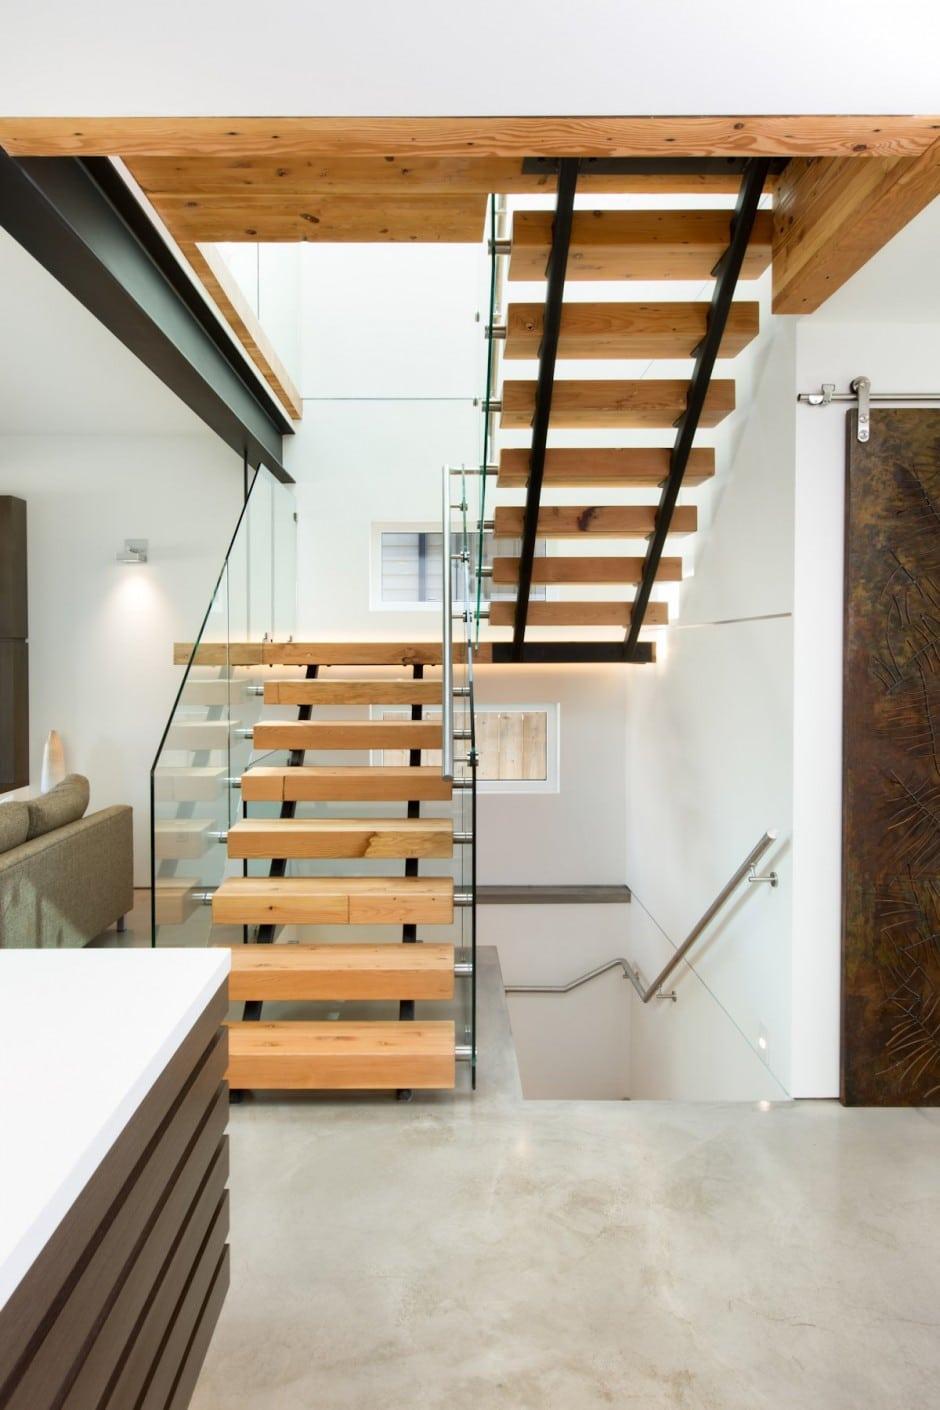 Dise o de escaleras modernas con pasamanos de vidrio for Gradas de madera para exteriores